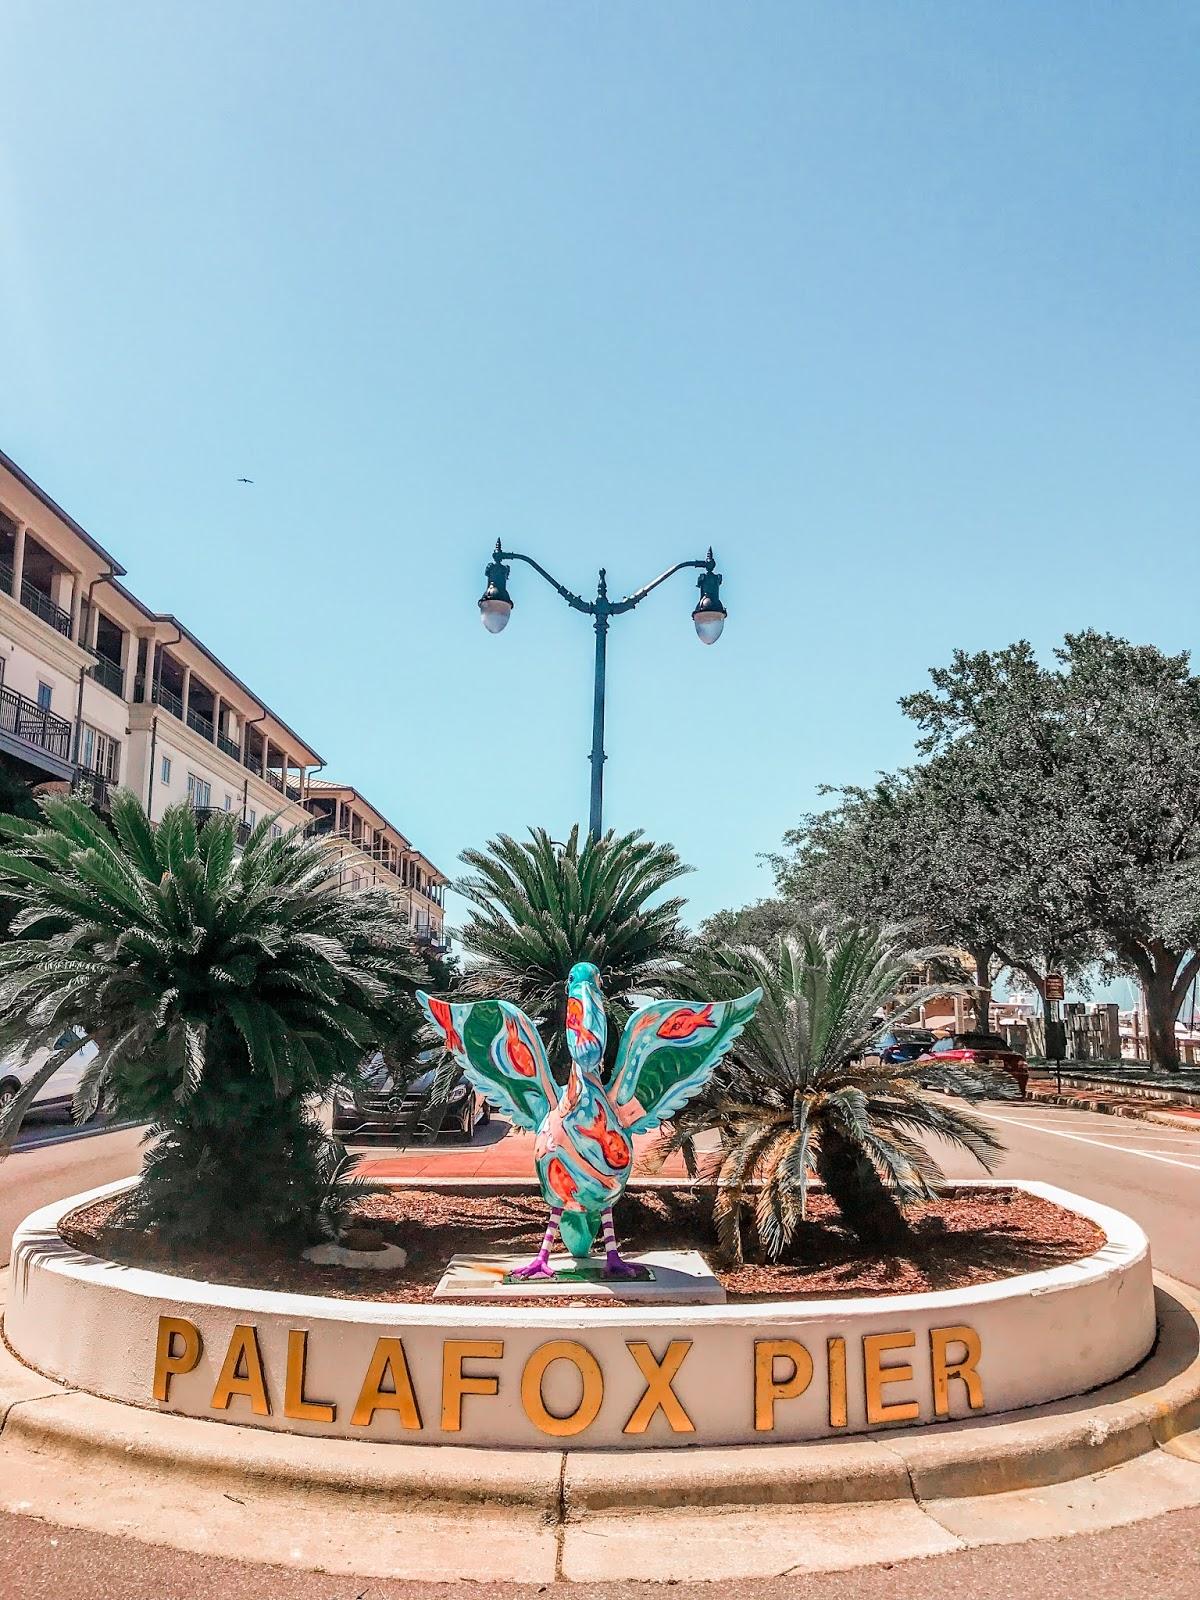 Palafox Pier Pensacola